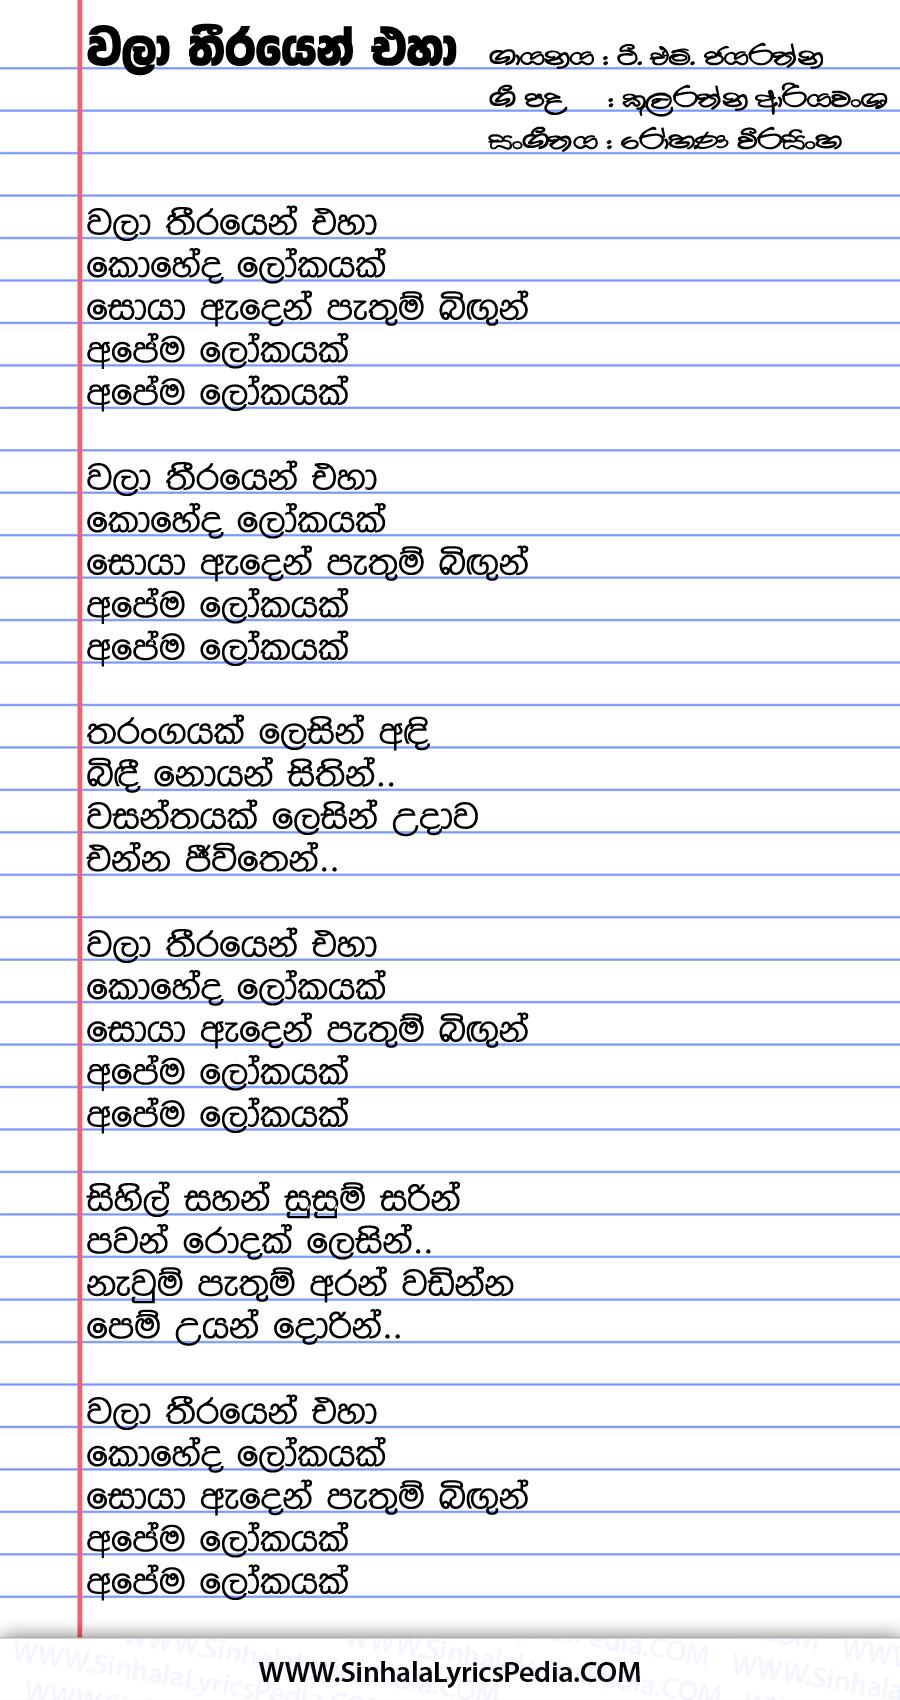 Wala Theerayen Eha Koheda Lokayak Song Lyrics